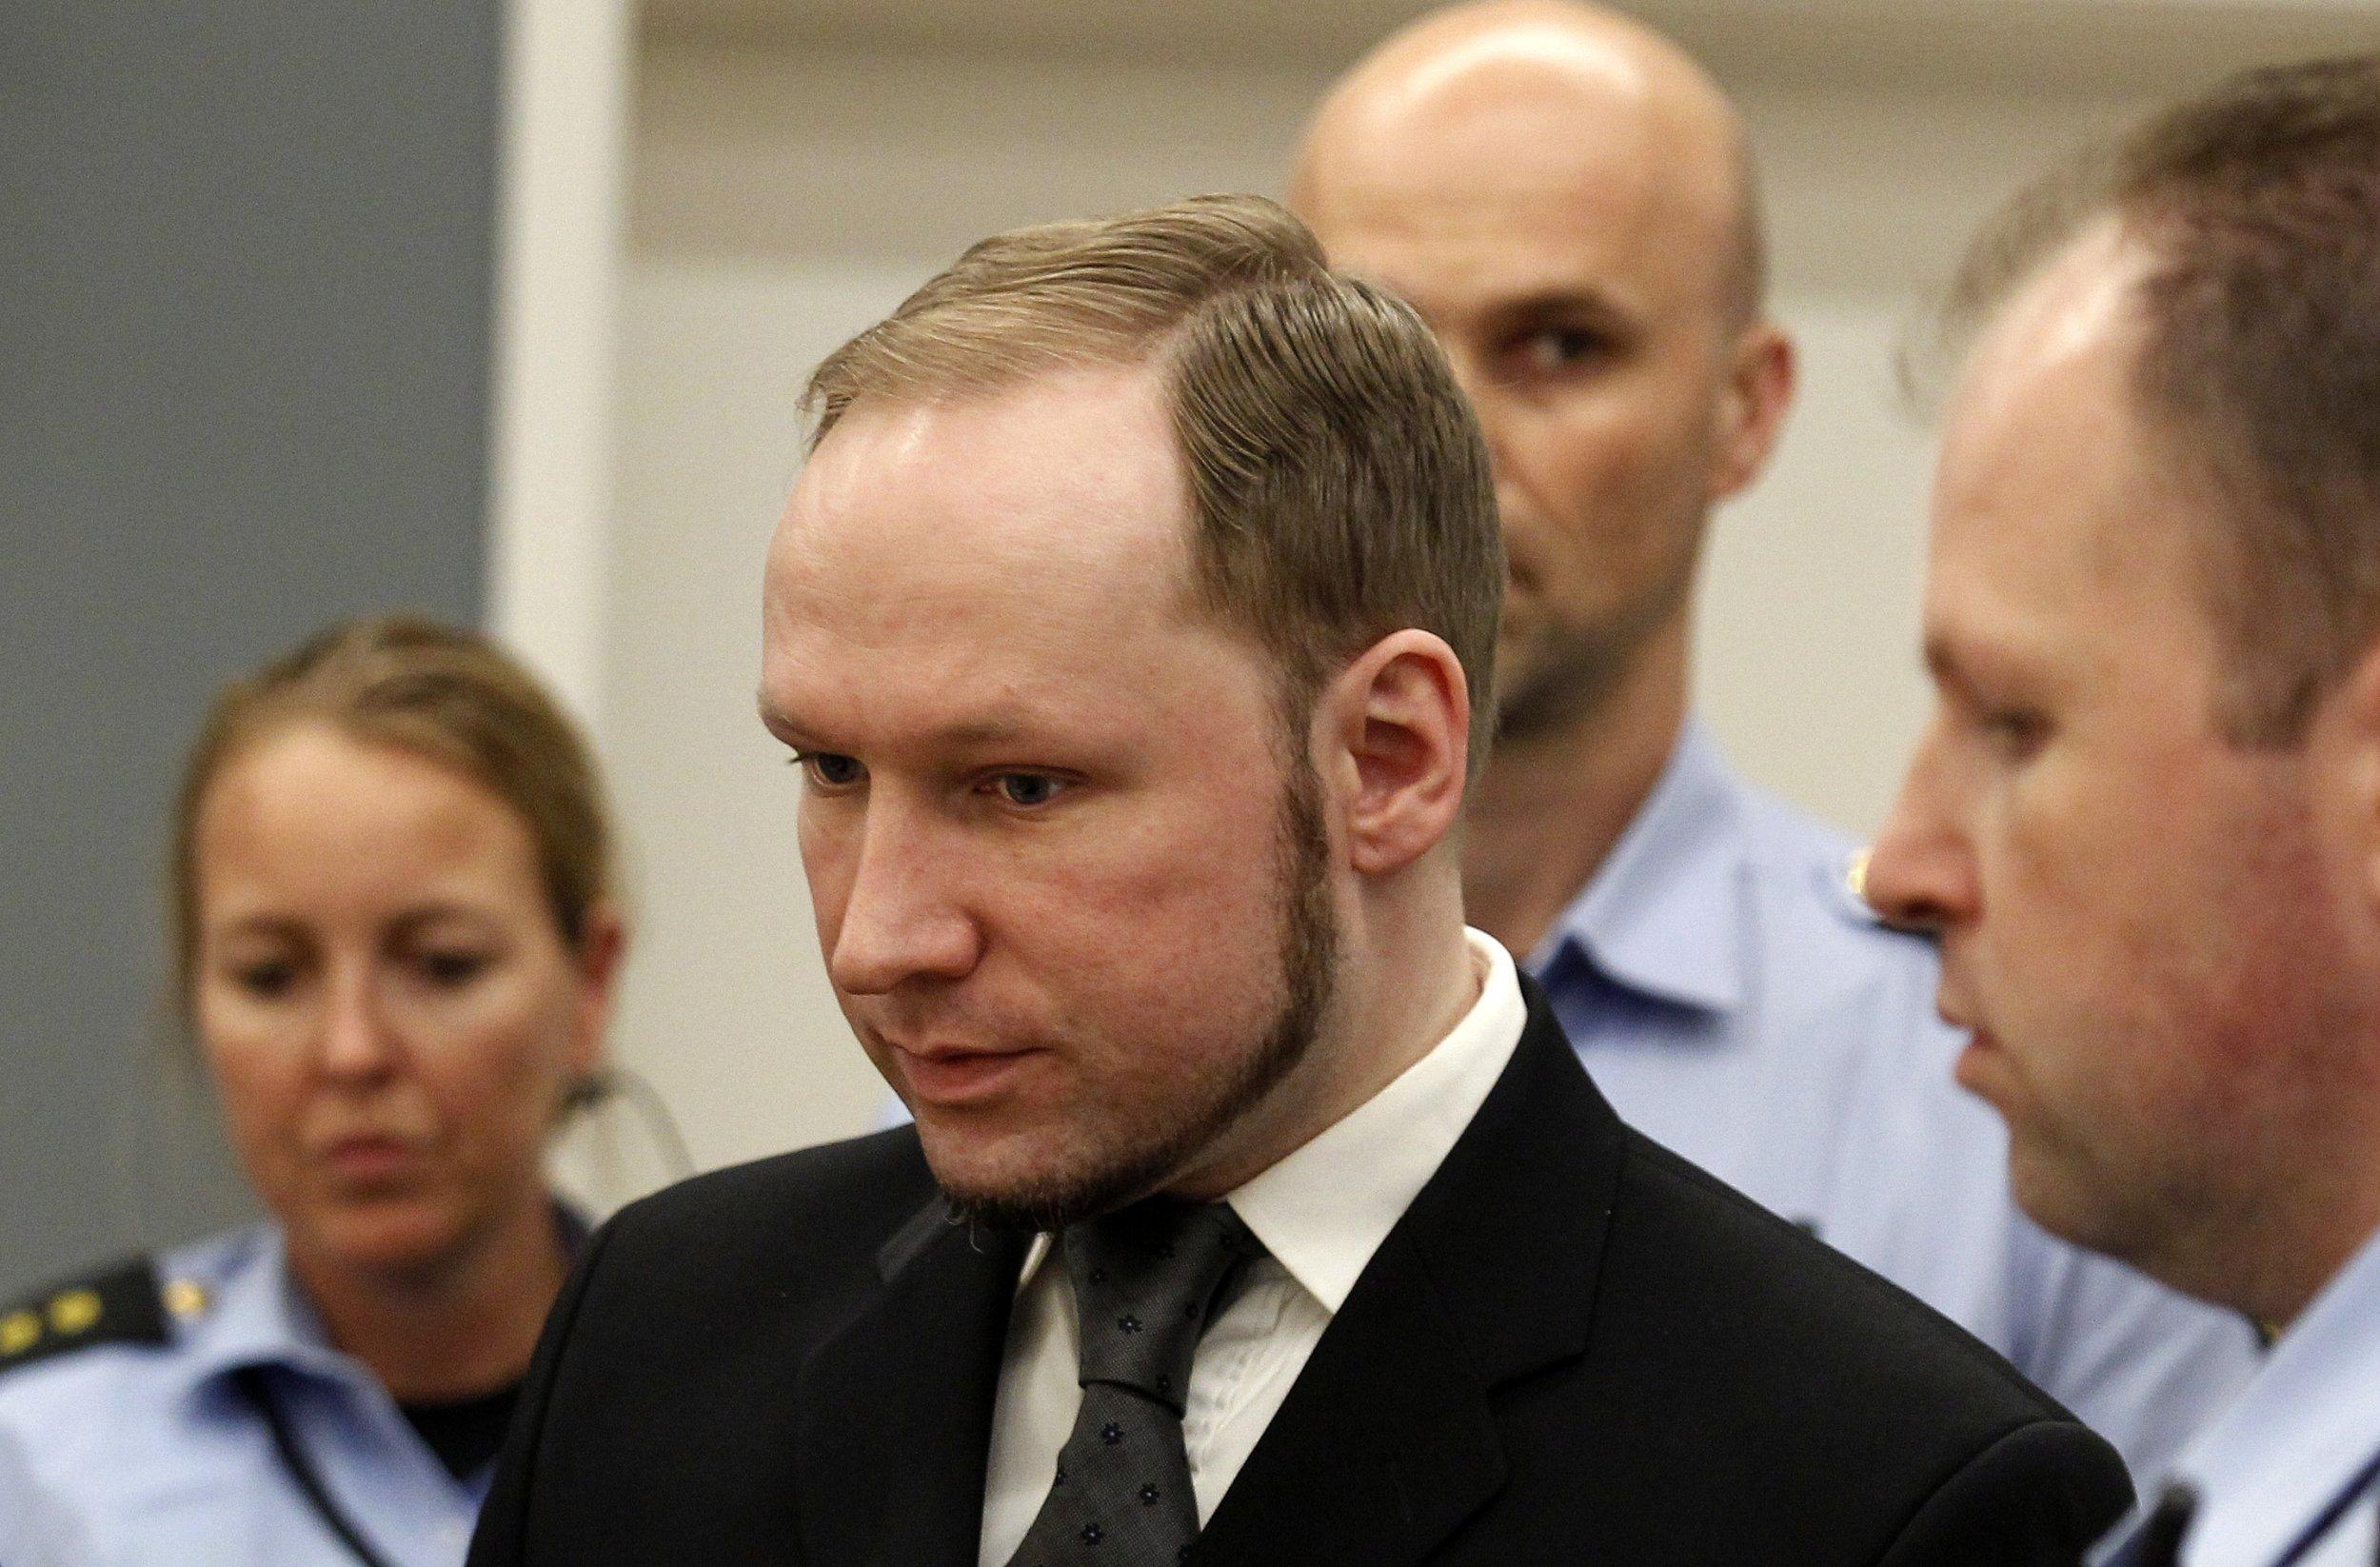 Breivik Photo: Anders Breivik: Prison Treatment Is 'Inhuman